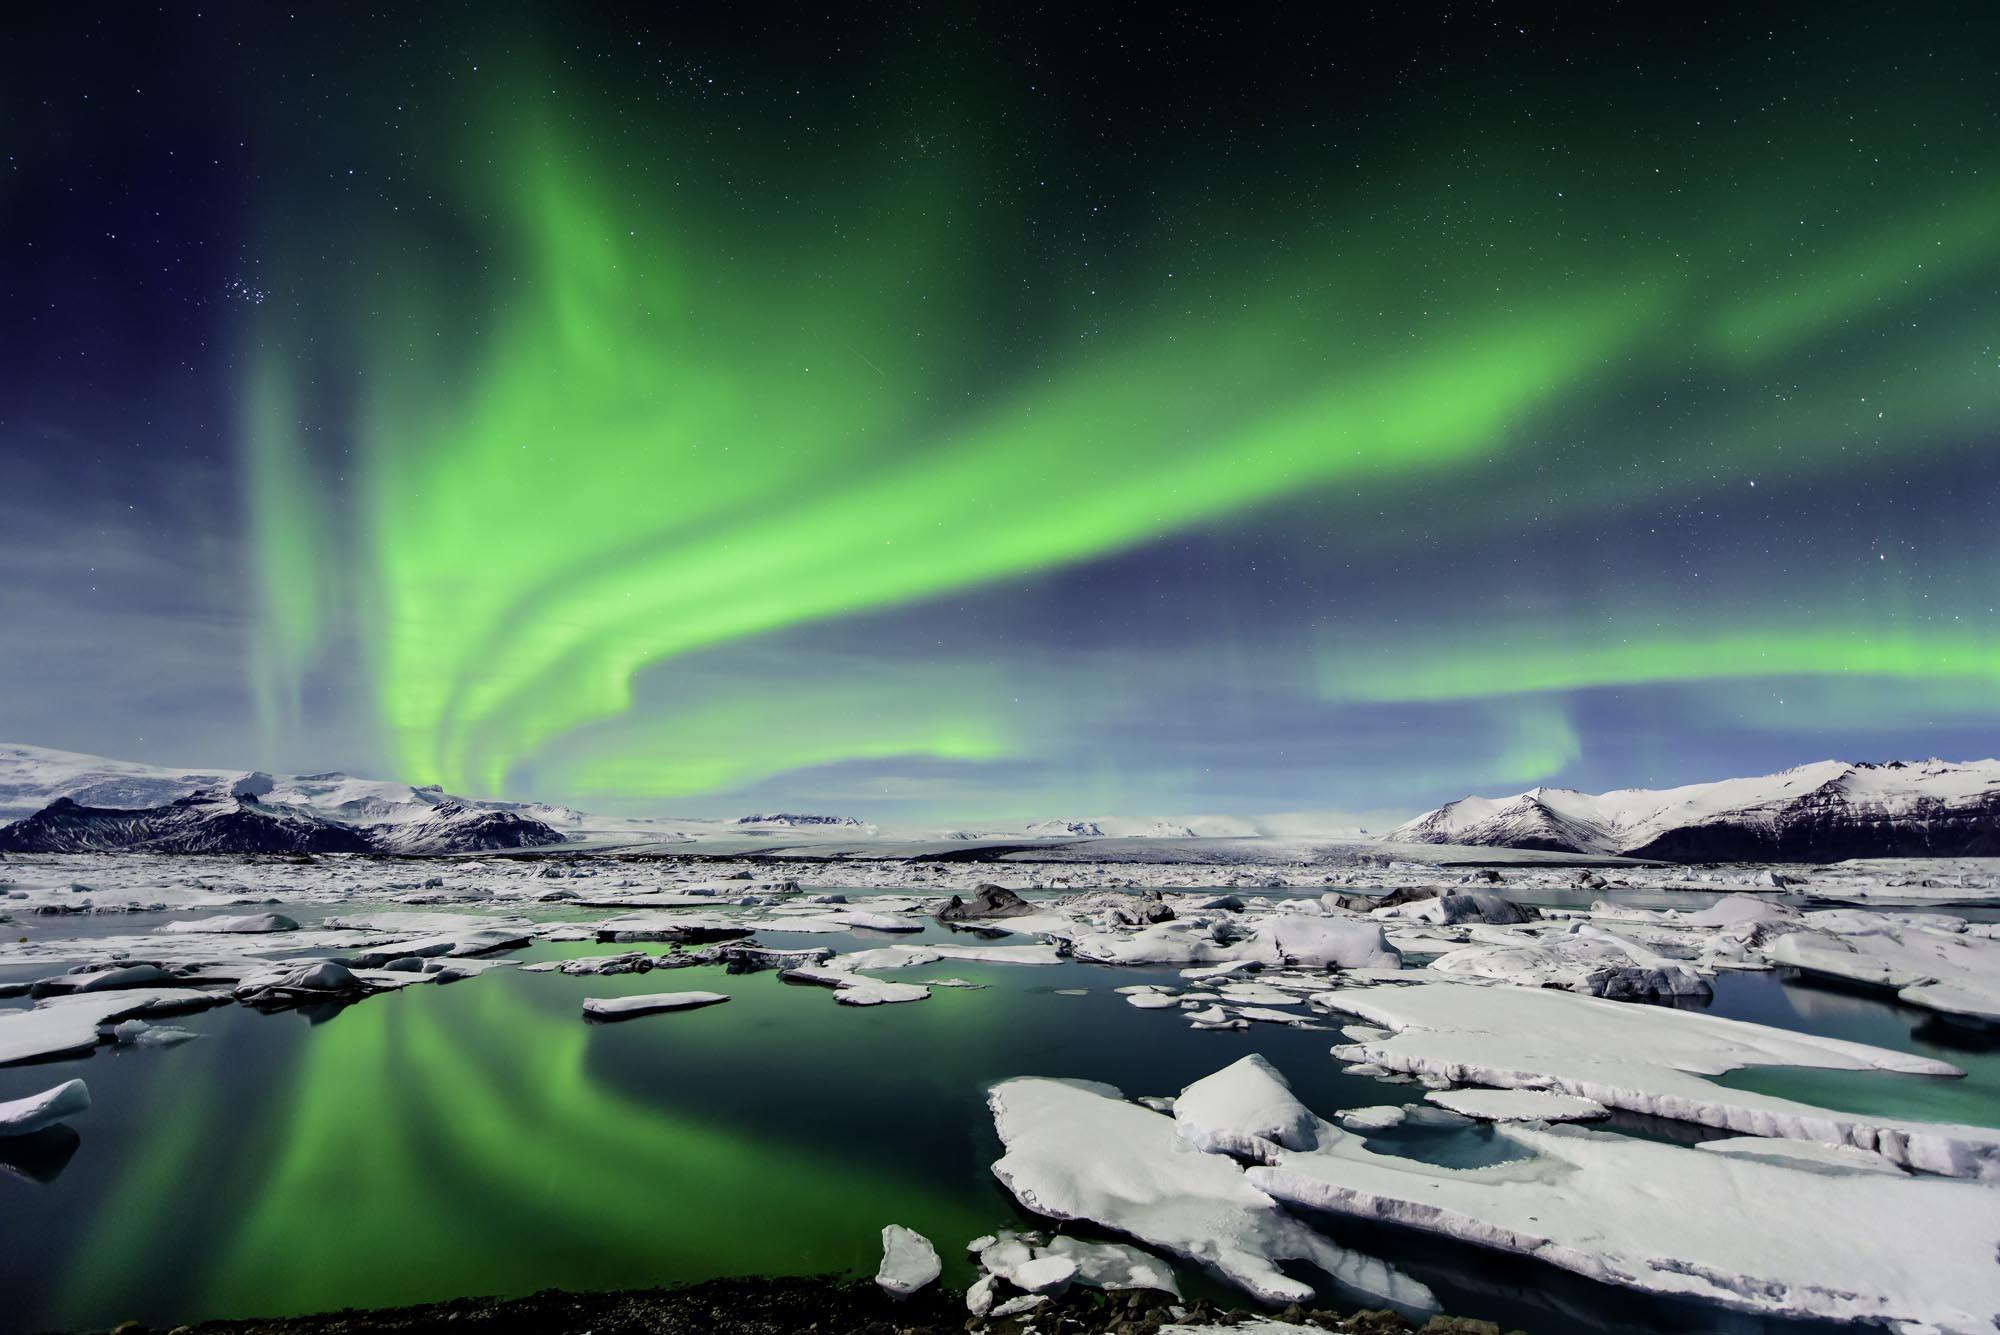 20-26 Kasım'da Tekrar İzlanda'ya Gidiyoruz. Siz de Gelin!